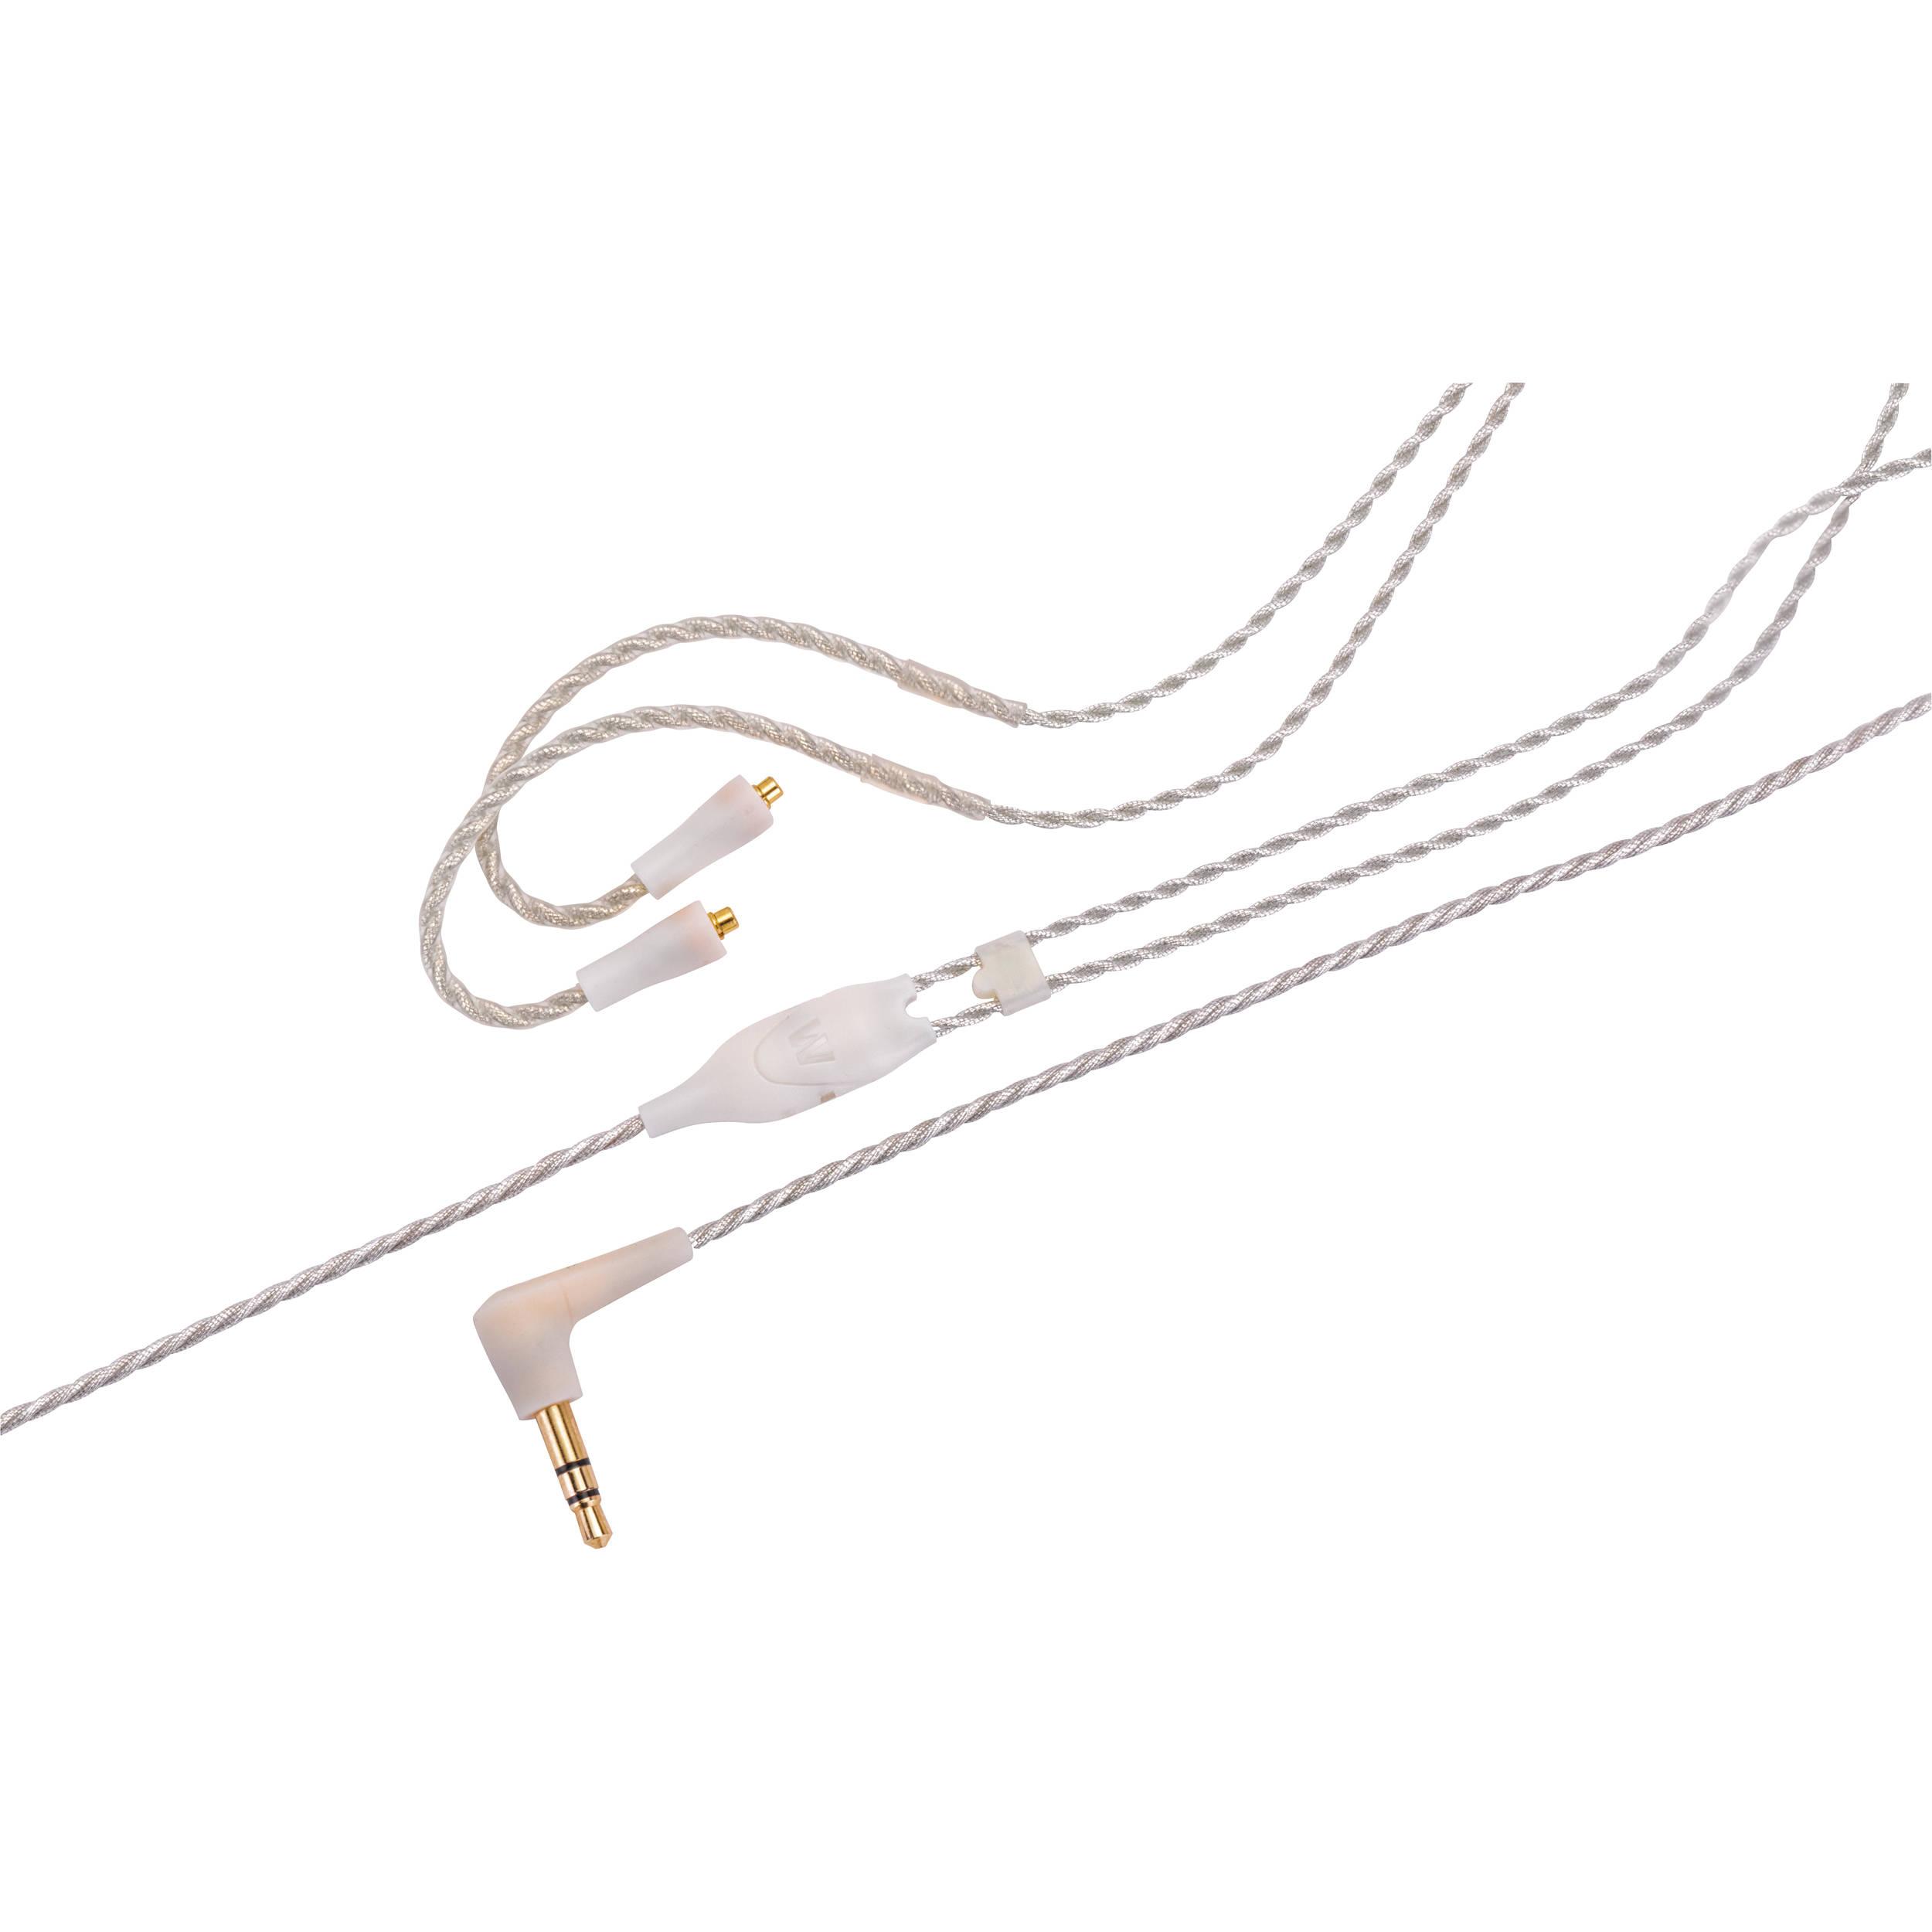 Сменный кабель для наушников Westone ES/UM Pro Cable 52 Clear 78563Аксессуары для наушников<br>Westone Cable ES/UM Pro - это сменный кабель для наушников серий Adventure Series, ES, AC, UMPro и мониторов серии W. Прямой витой кабель с разъемом MMCX.<br>